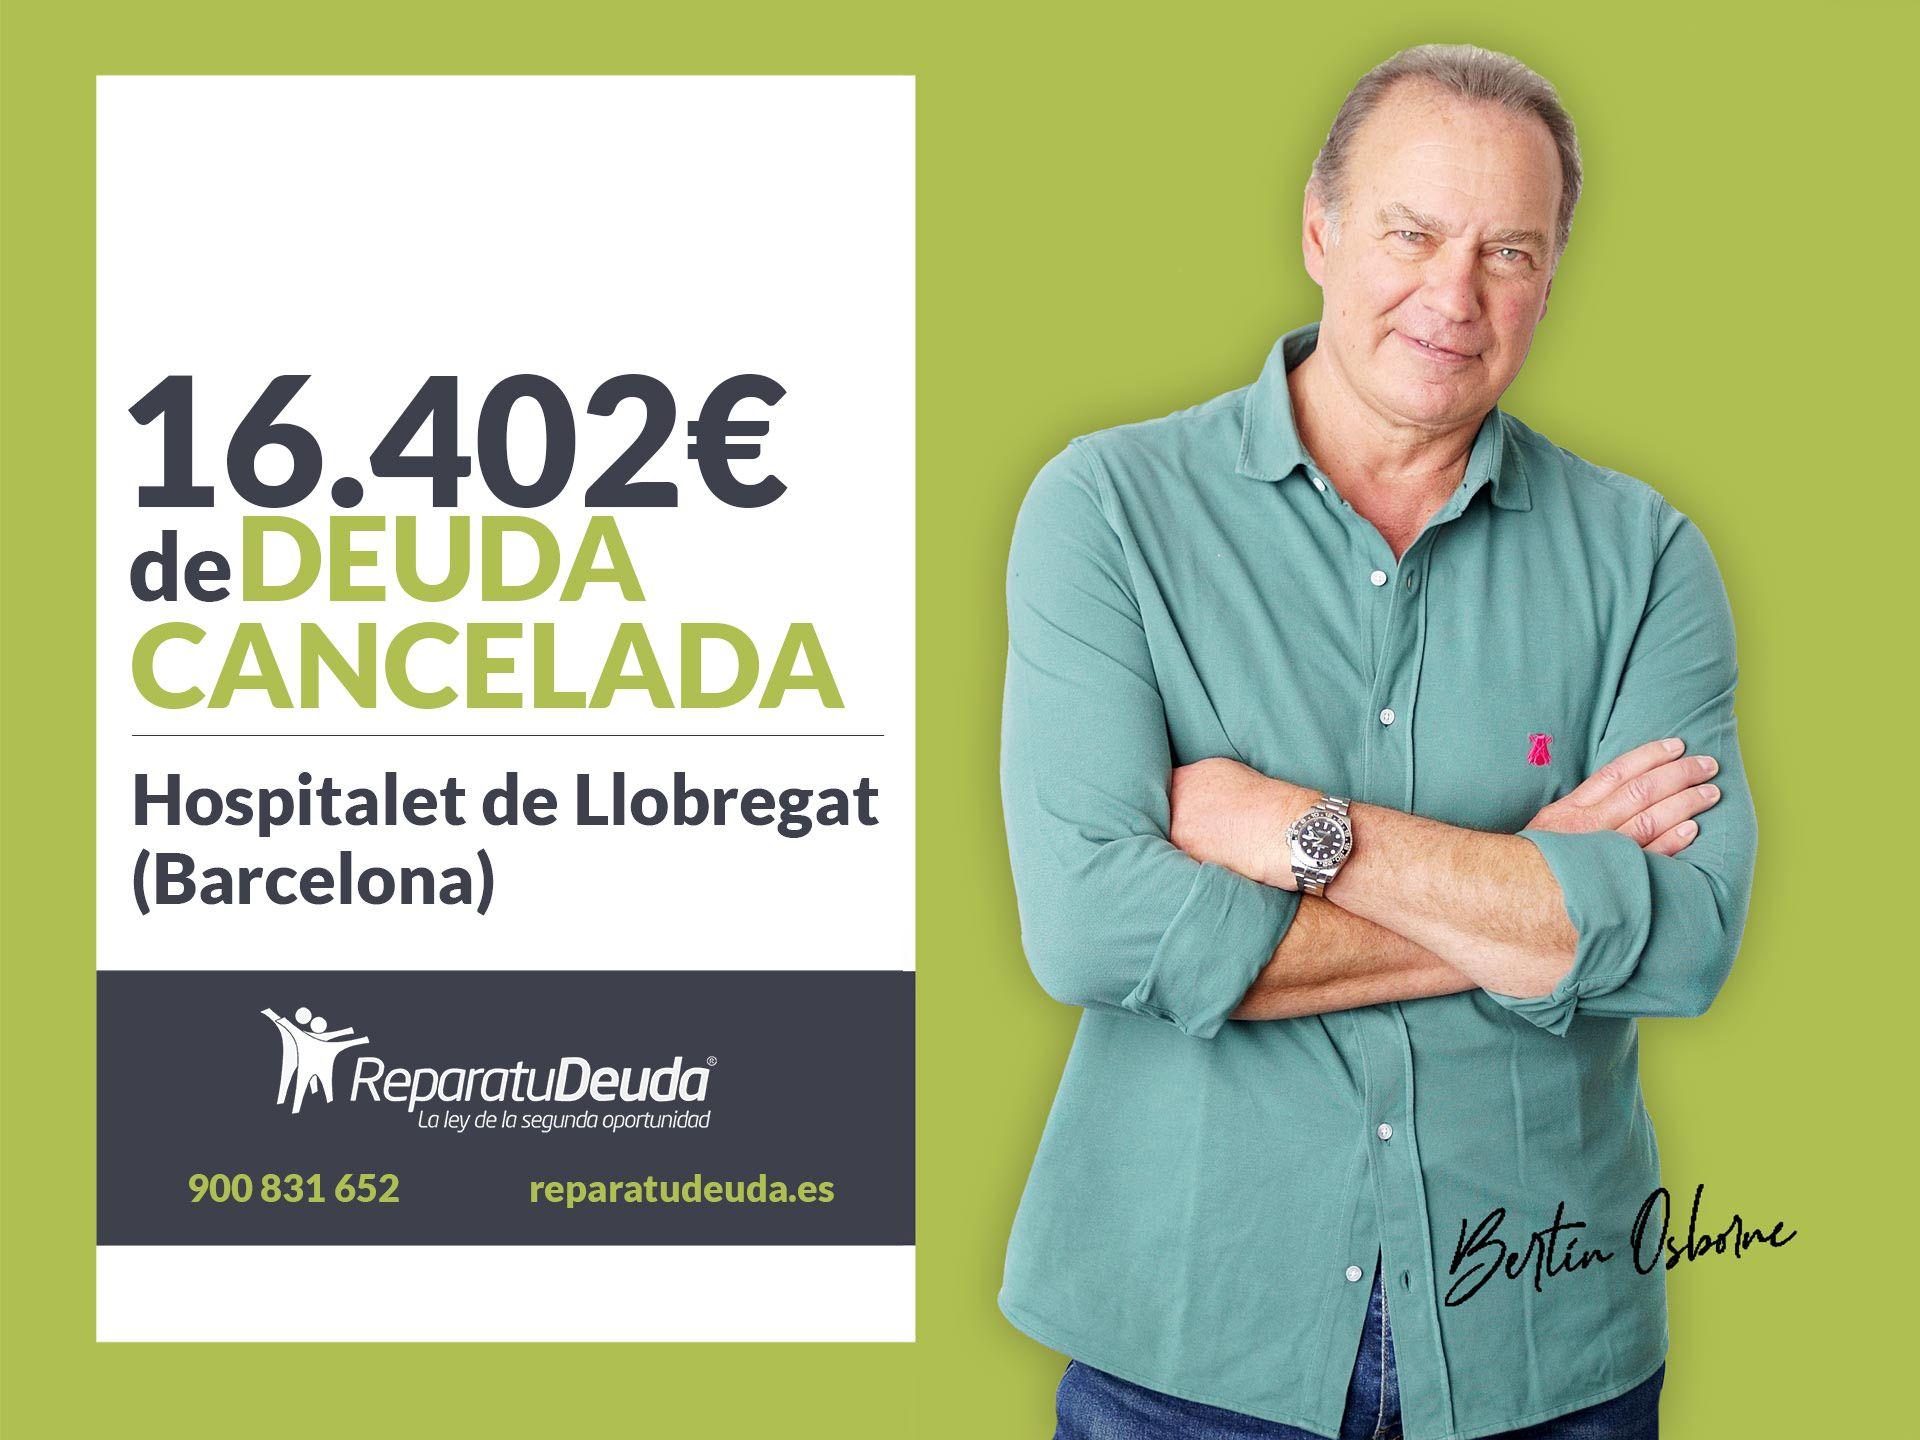 Repara tu Deuda cancela 16.402? en L'Hospitalet de Llobregat (Barcelona) con la Ley de Segunda Oportunidad